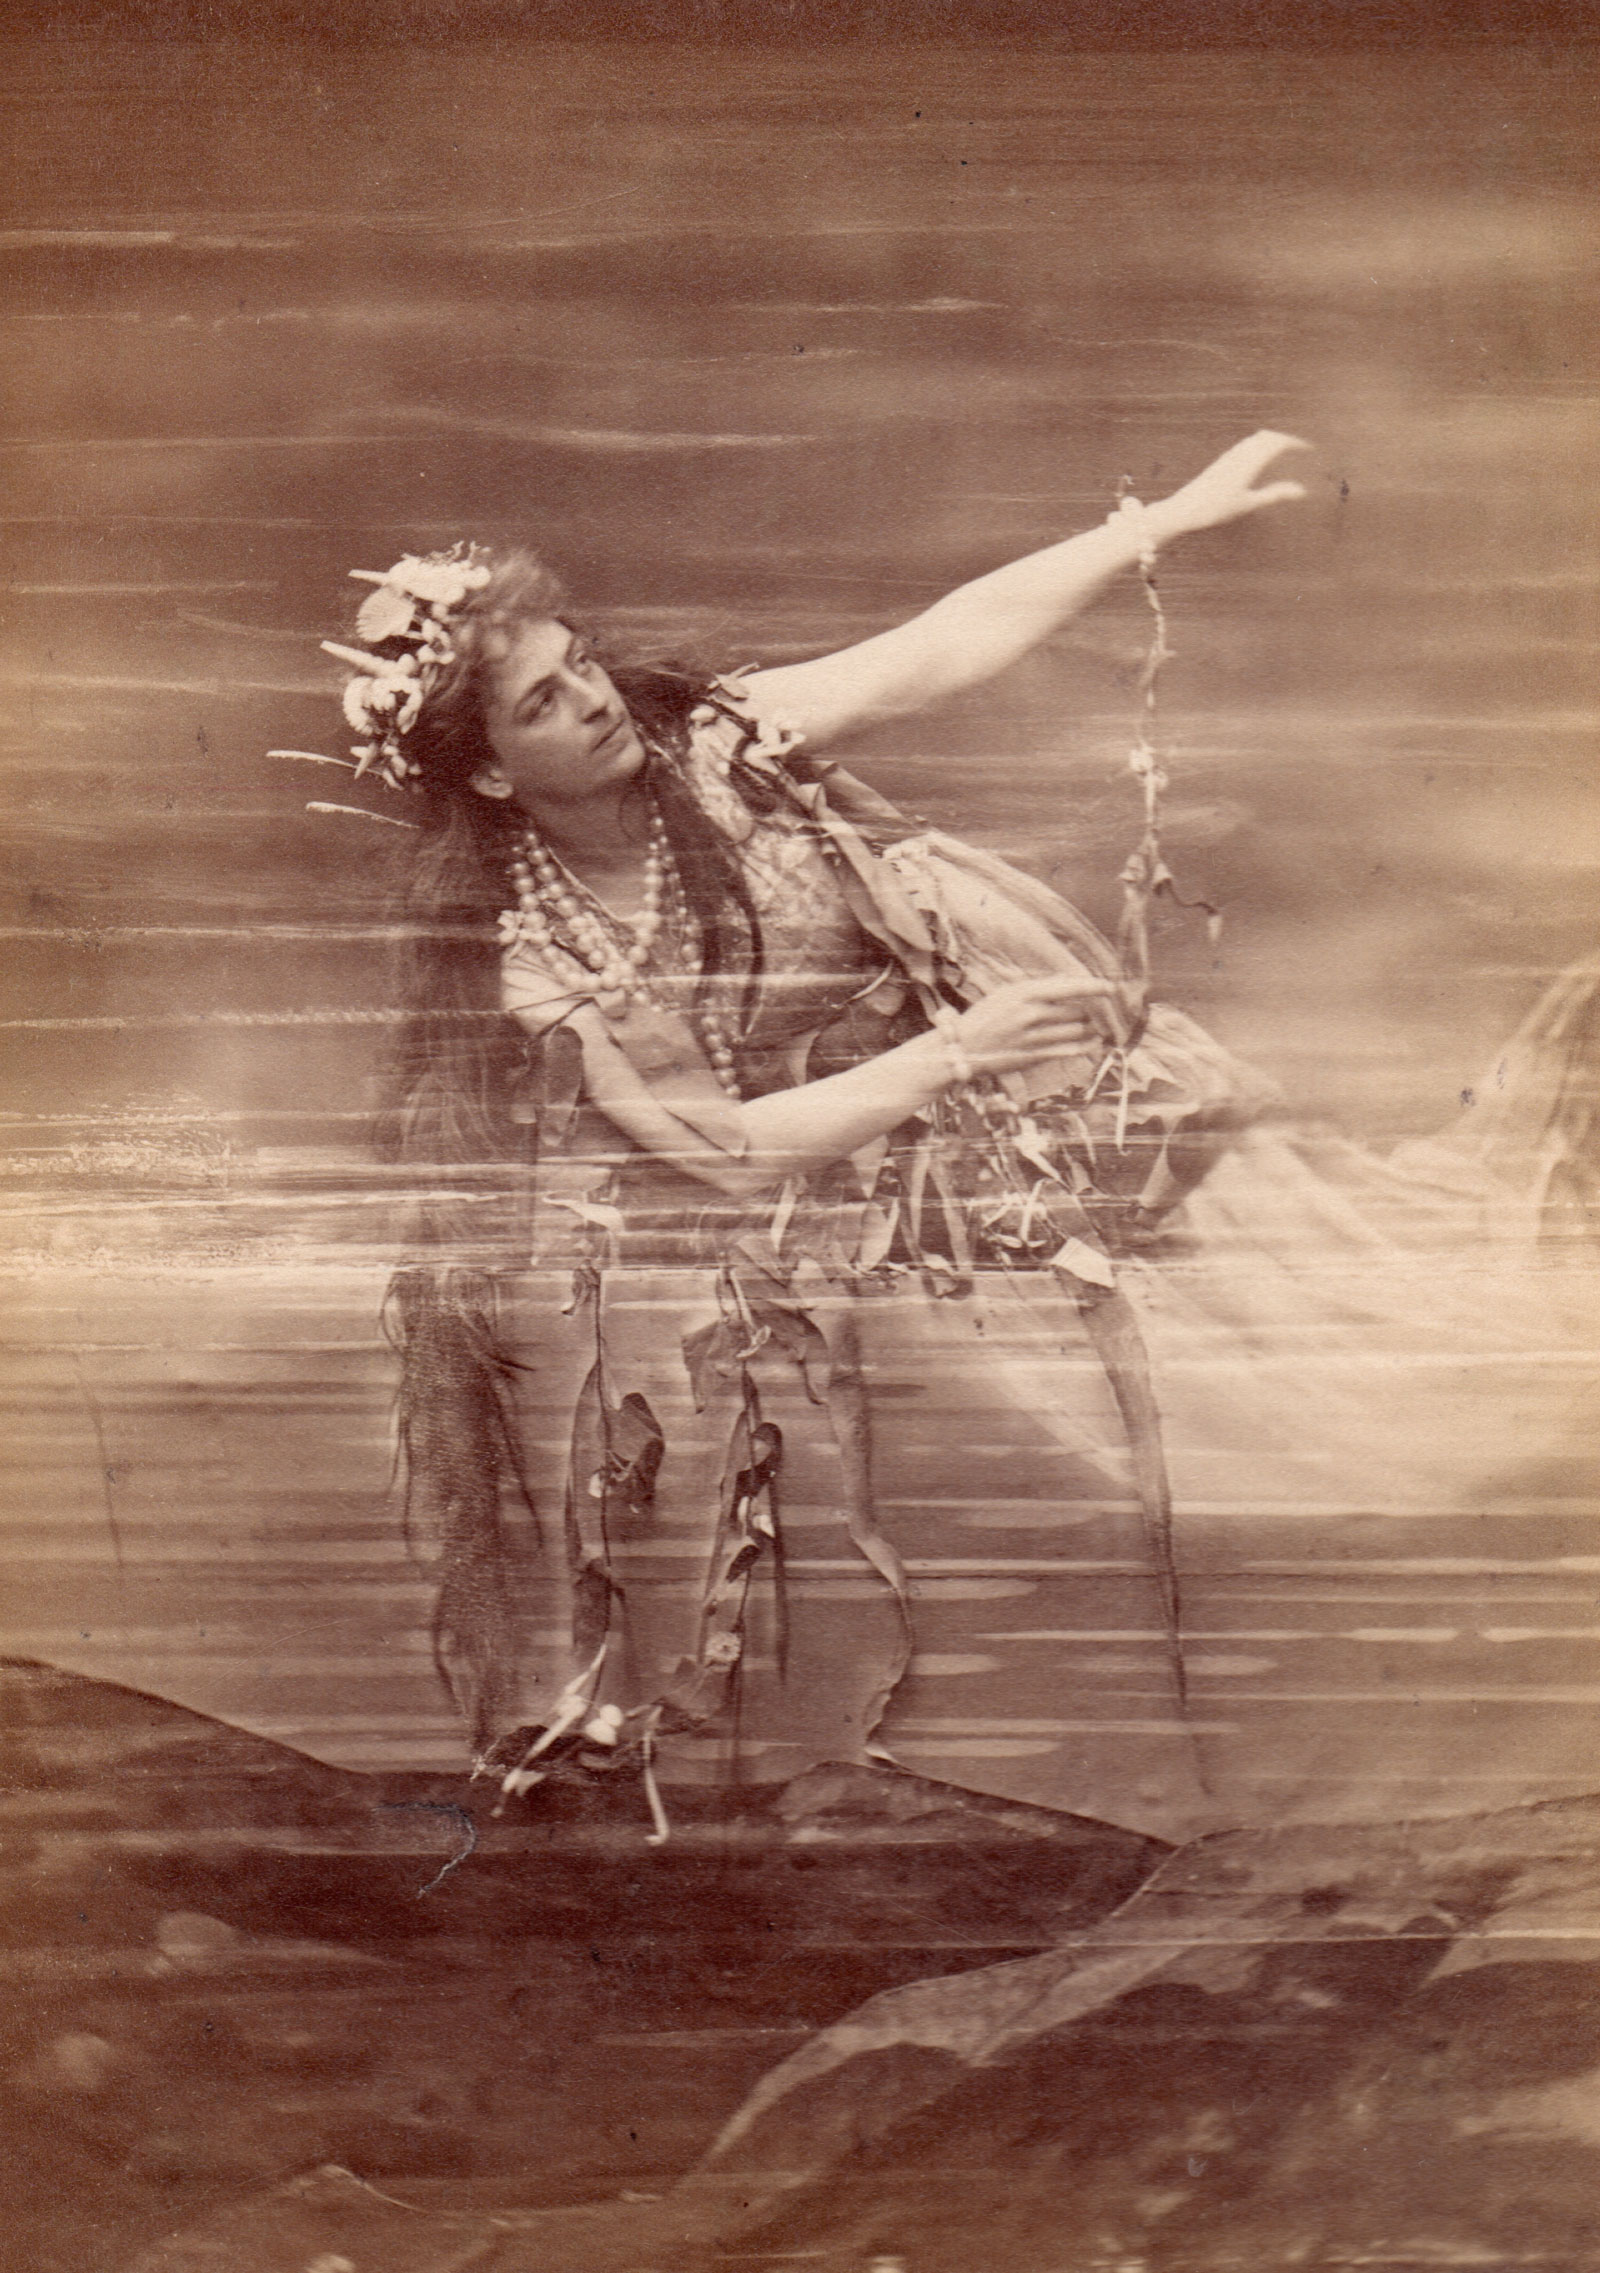 Lilli Lehmann as Woglinde in Das Rheingold, Bayreuth production, 1876